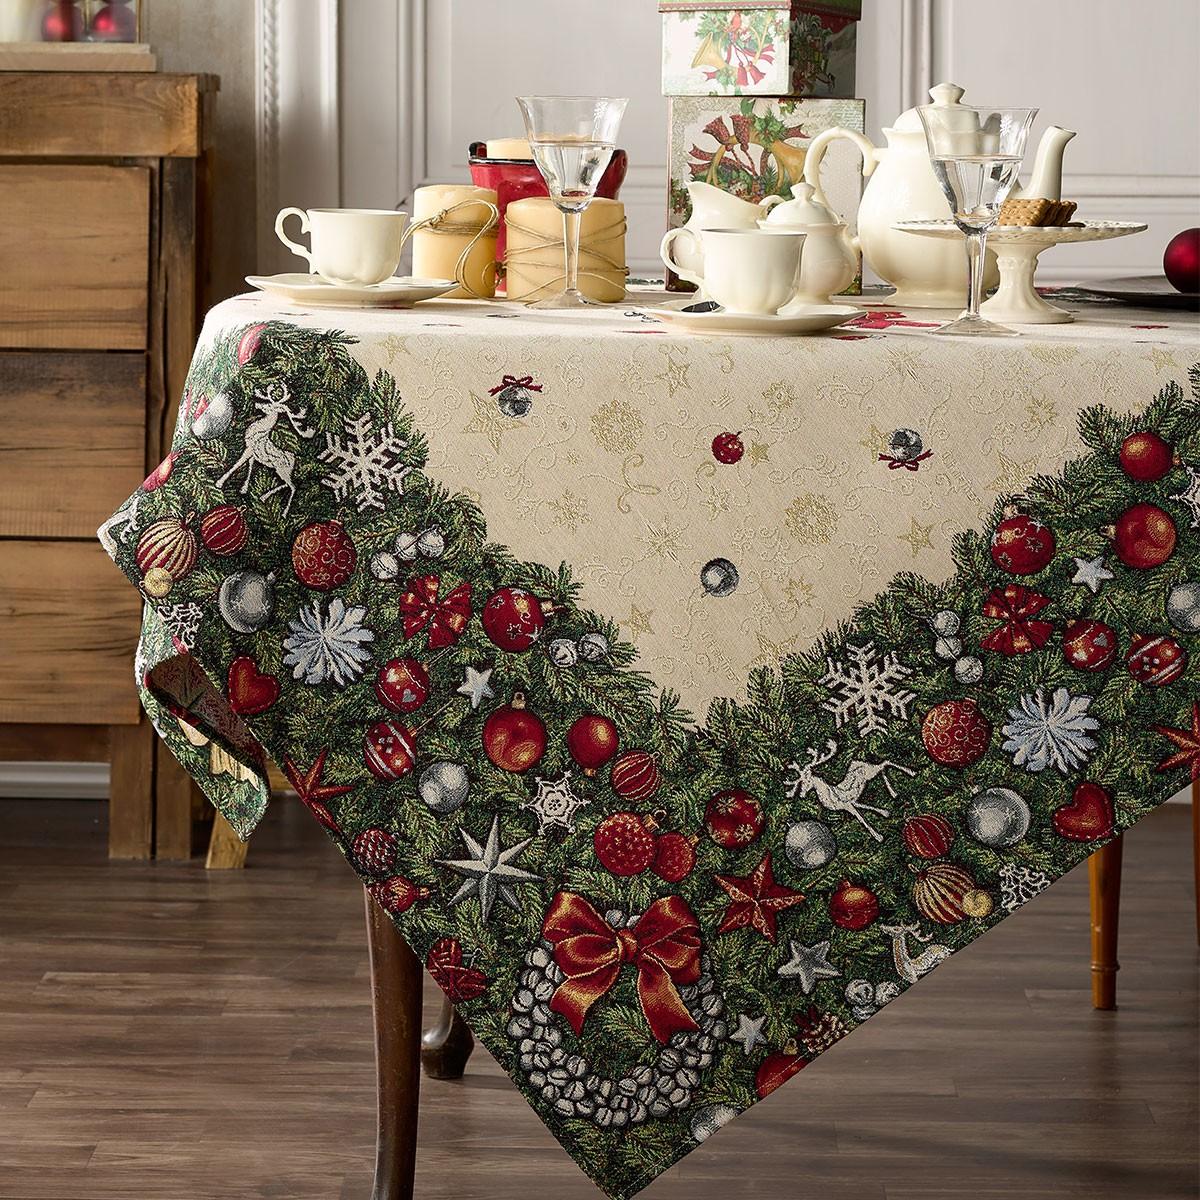 Χριστουγεννιάτικο Τραπεζομάντηλο (135x180) Gofis Home 209